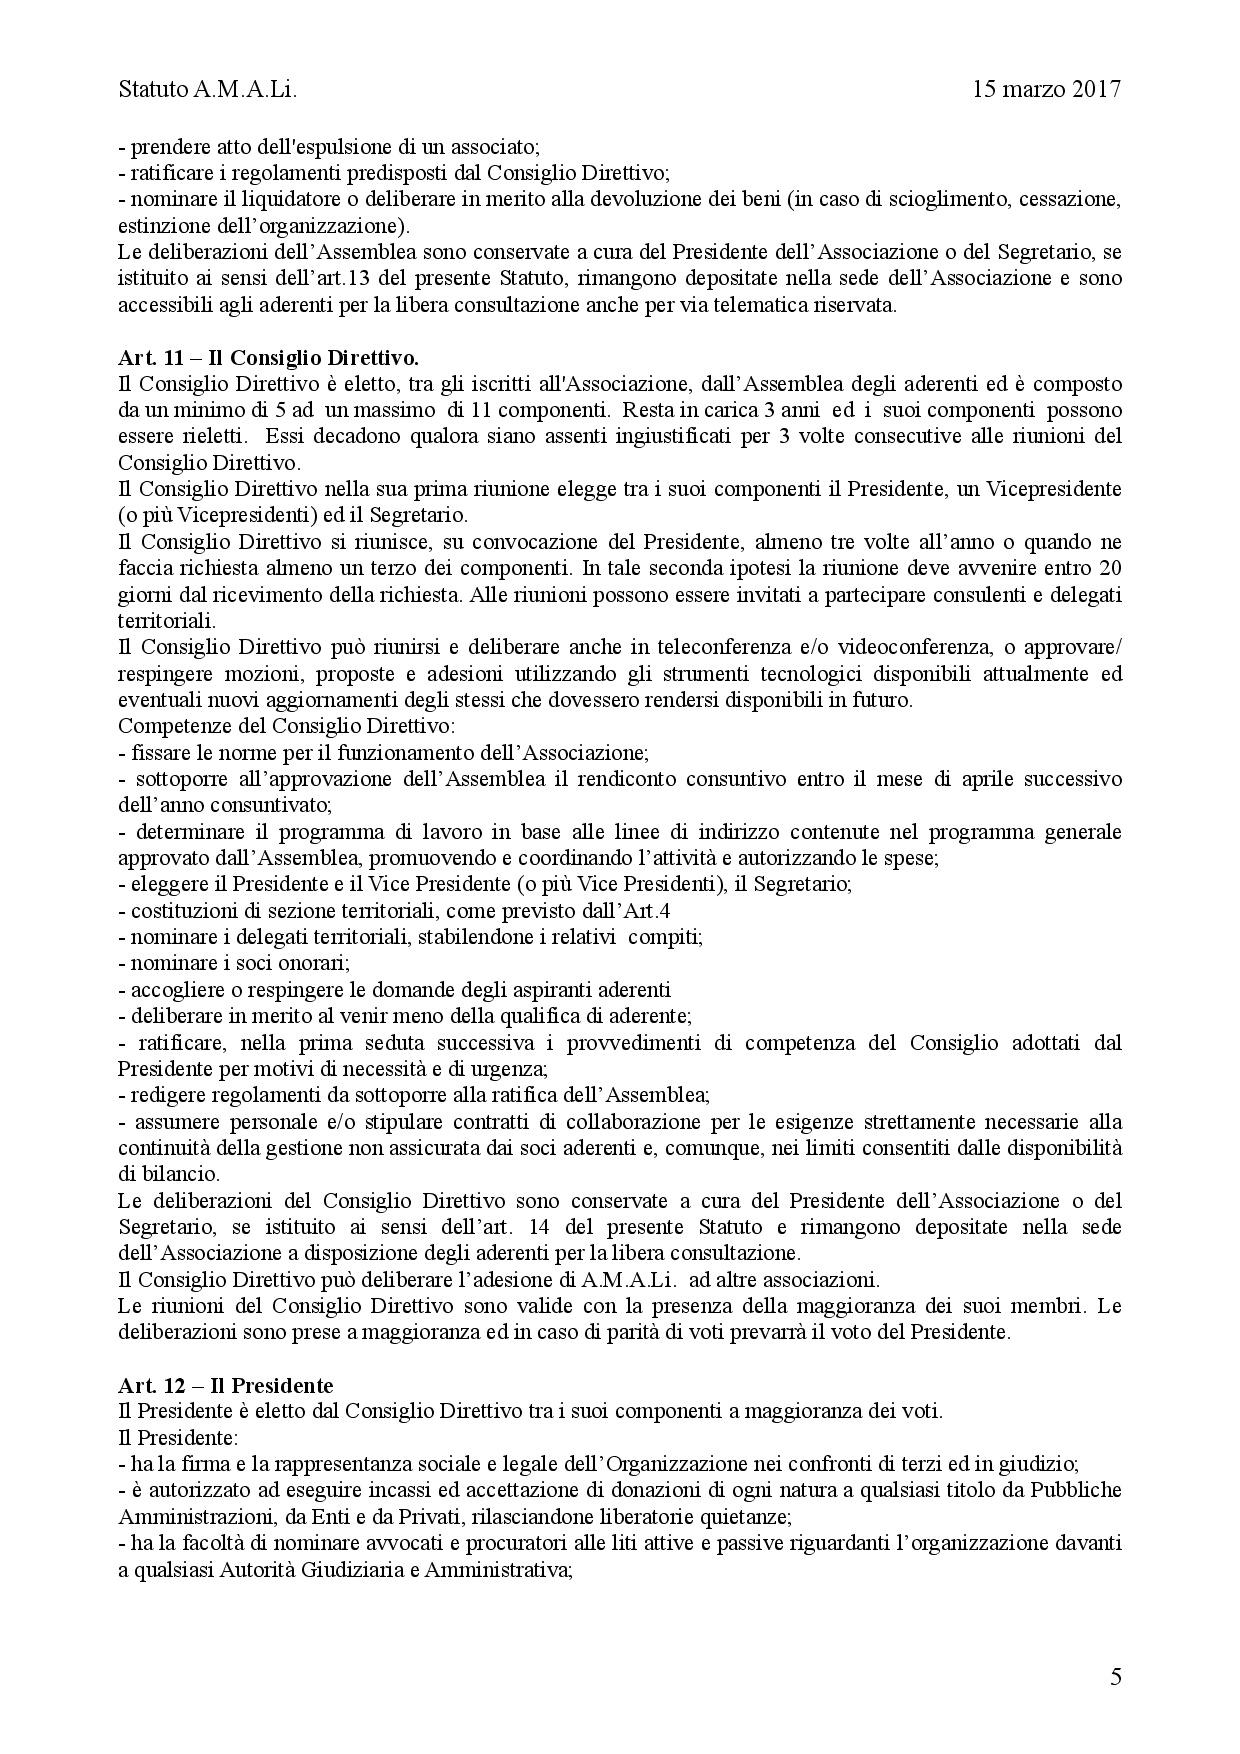 statuto-amali-15-marzo-2017-005